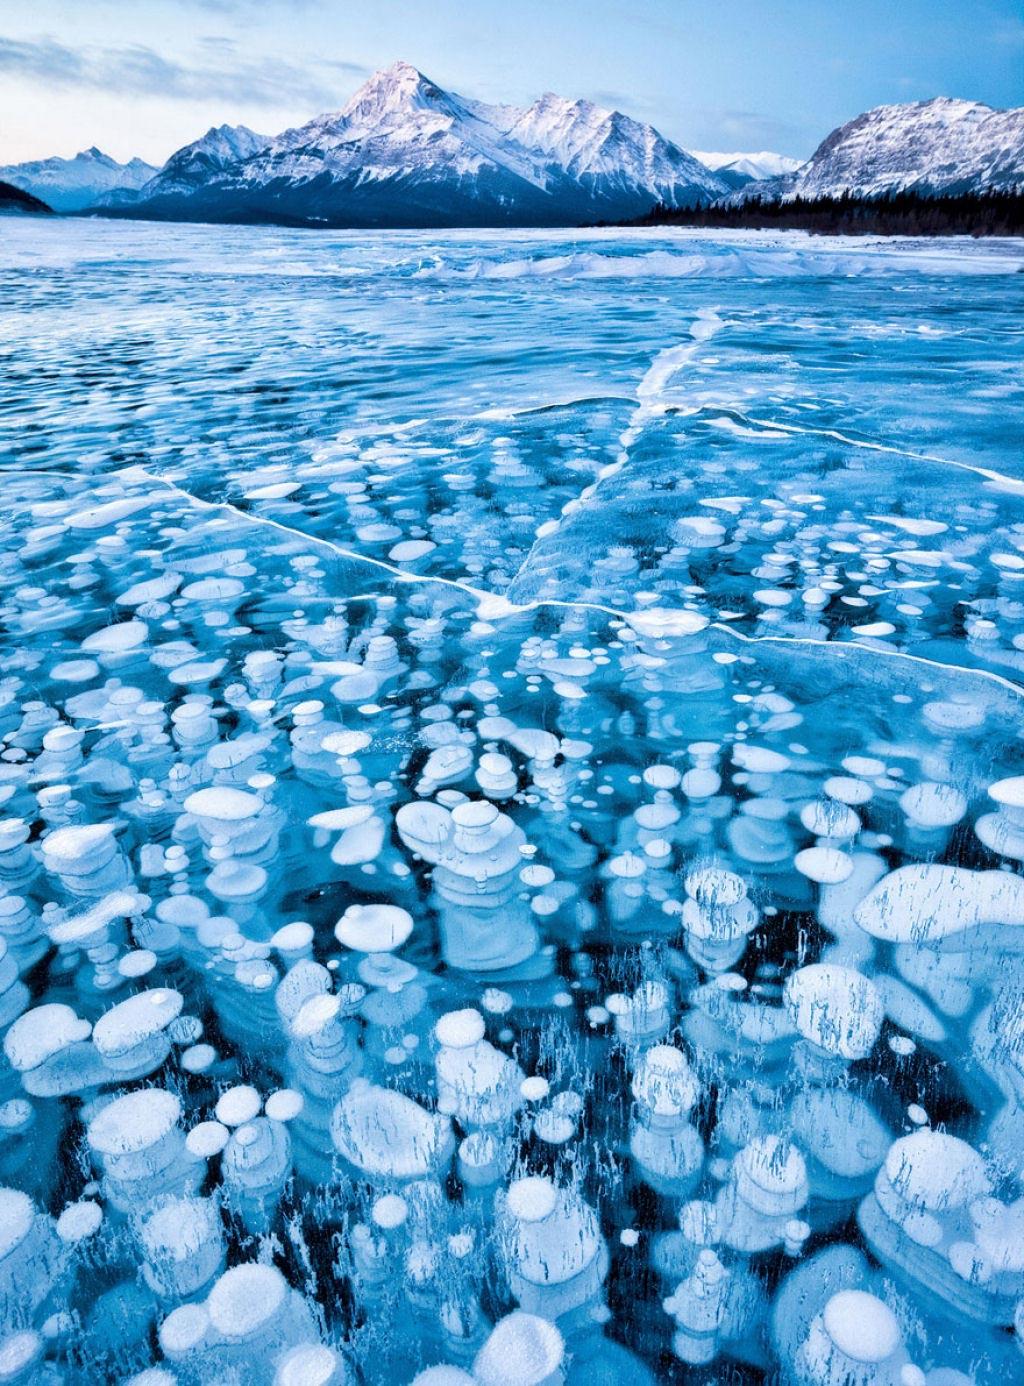 Hồ McDonald ở Montana (Mỹ) và hồ Abraham ở Canada.